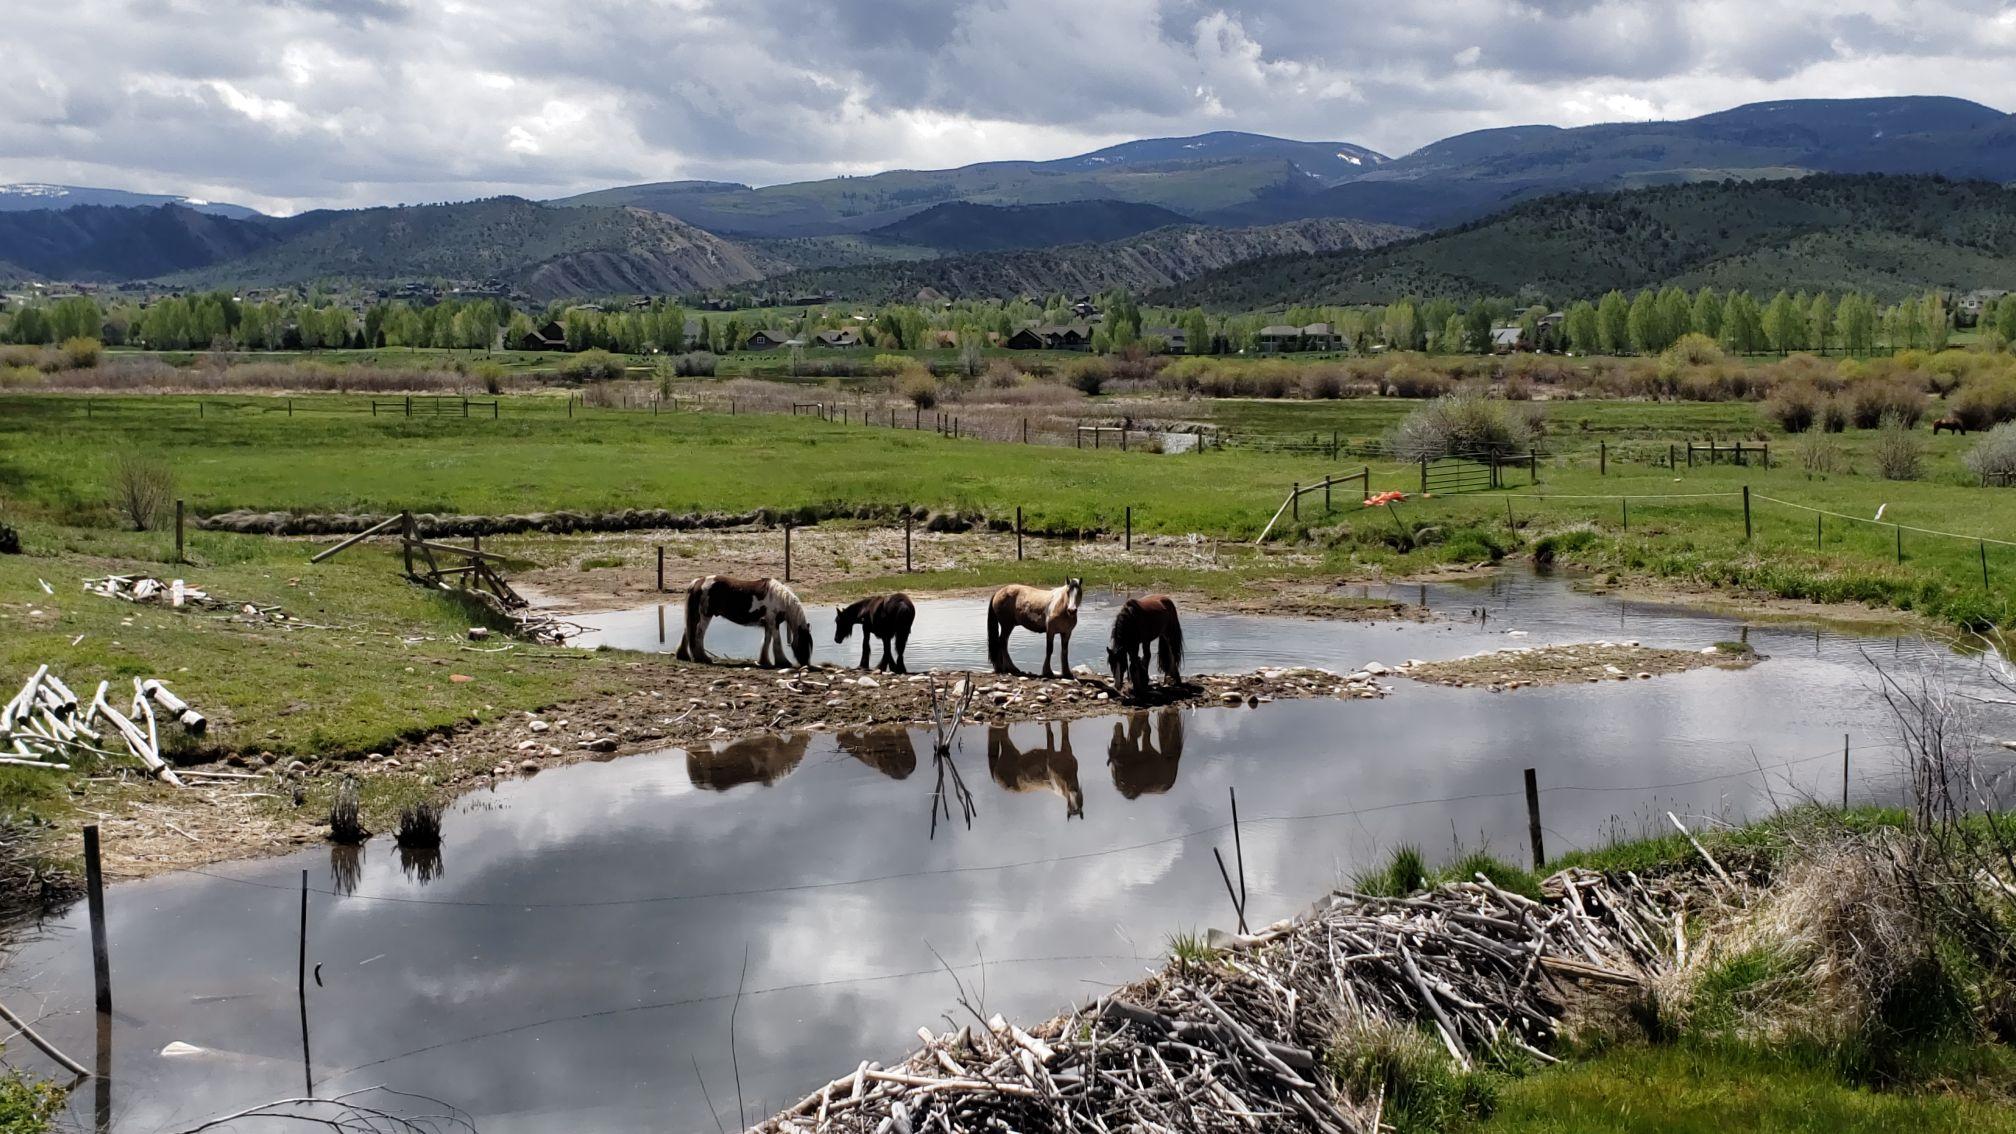 Horses near water